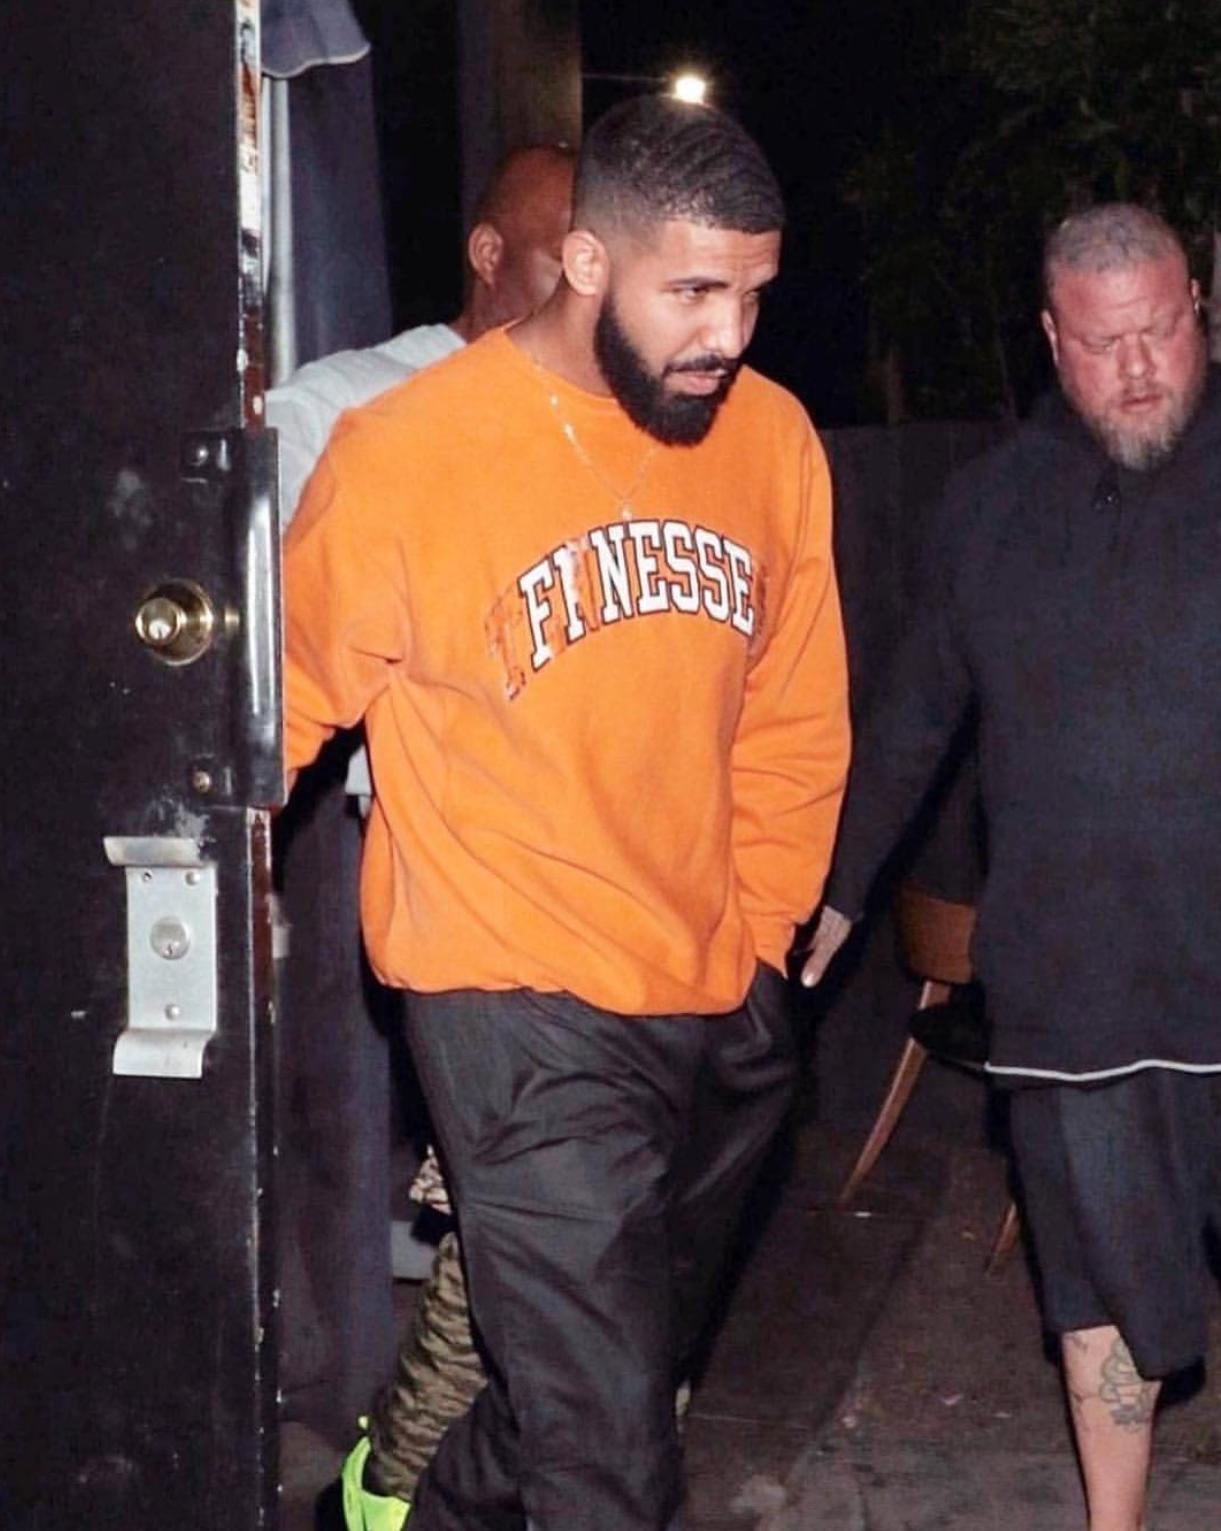 Drake in Orange Sweatshirt